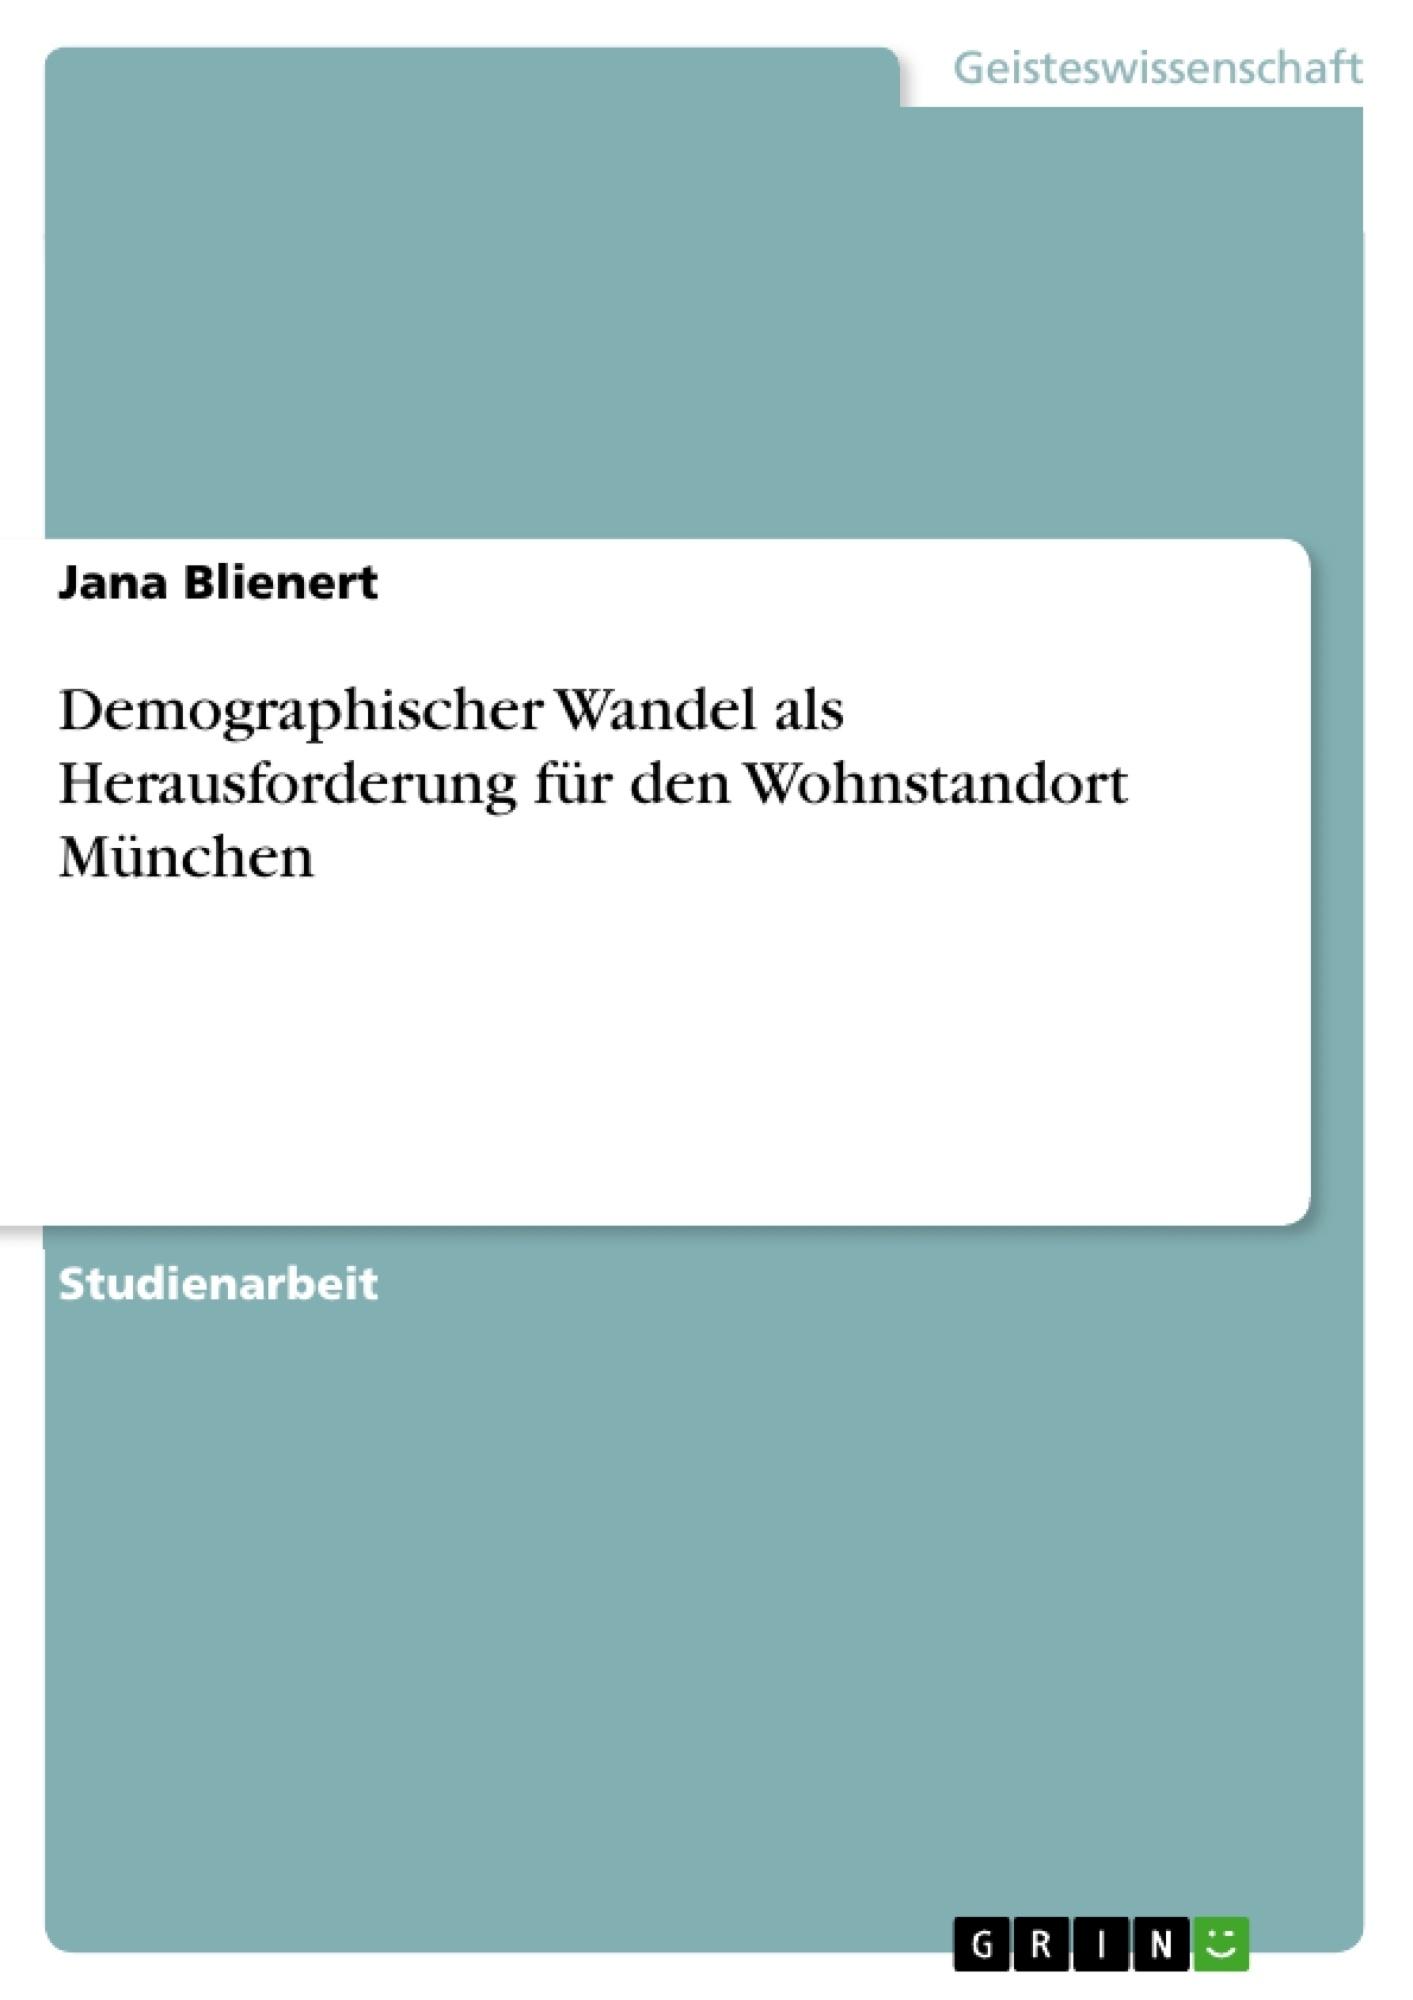 Titel: Demographischer Wandel als Herausforderung für den Wohnstandort München